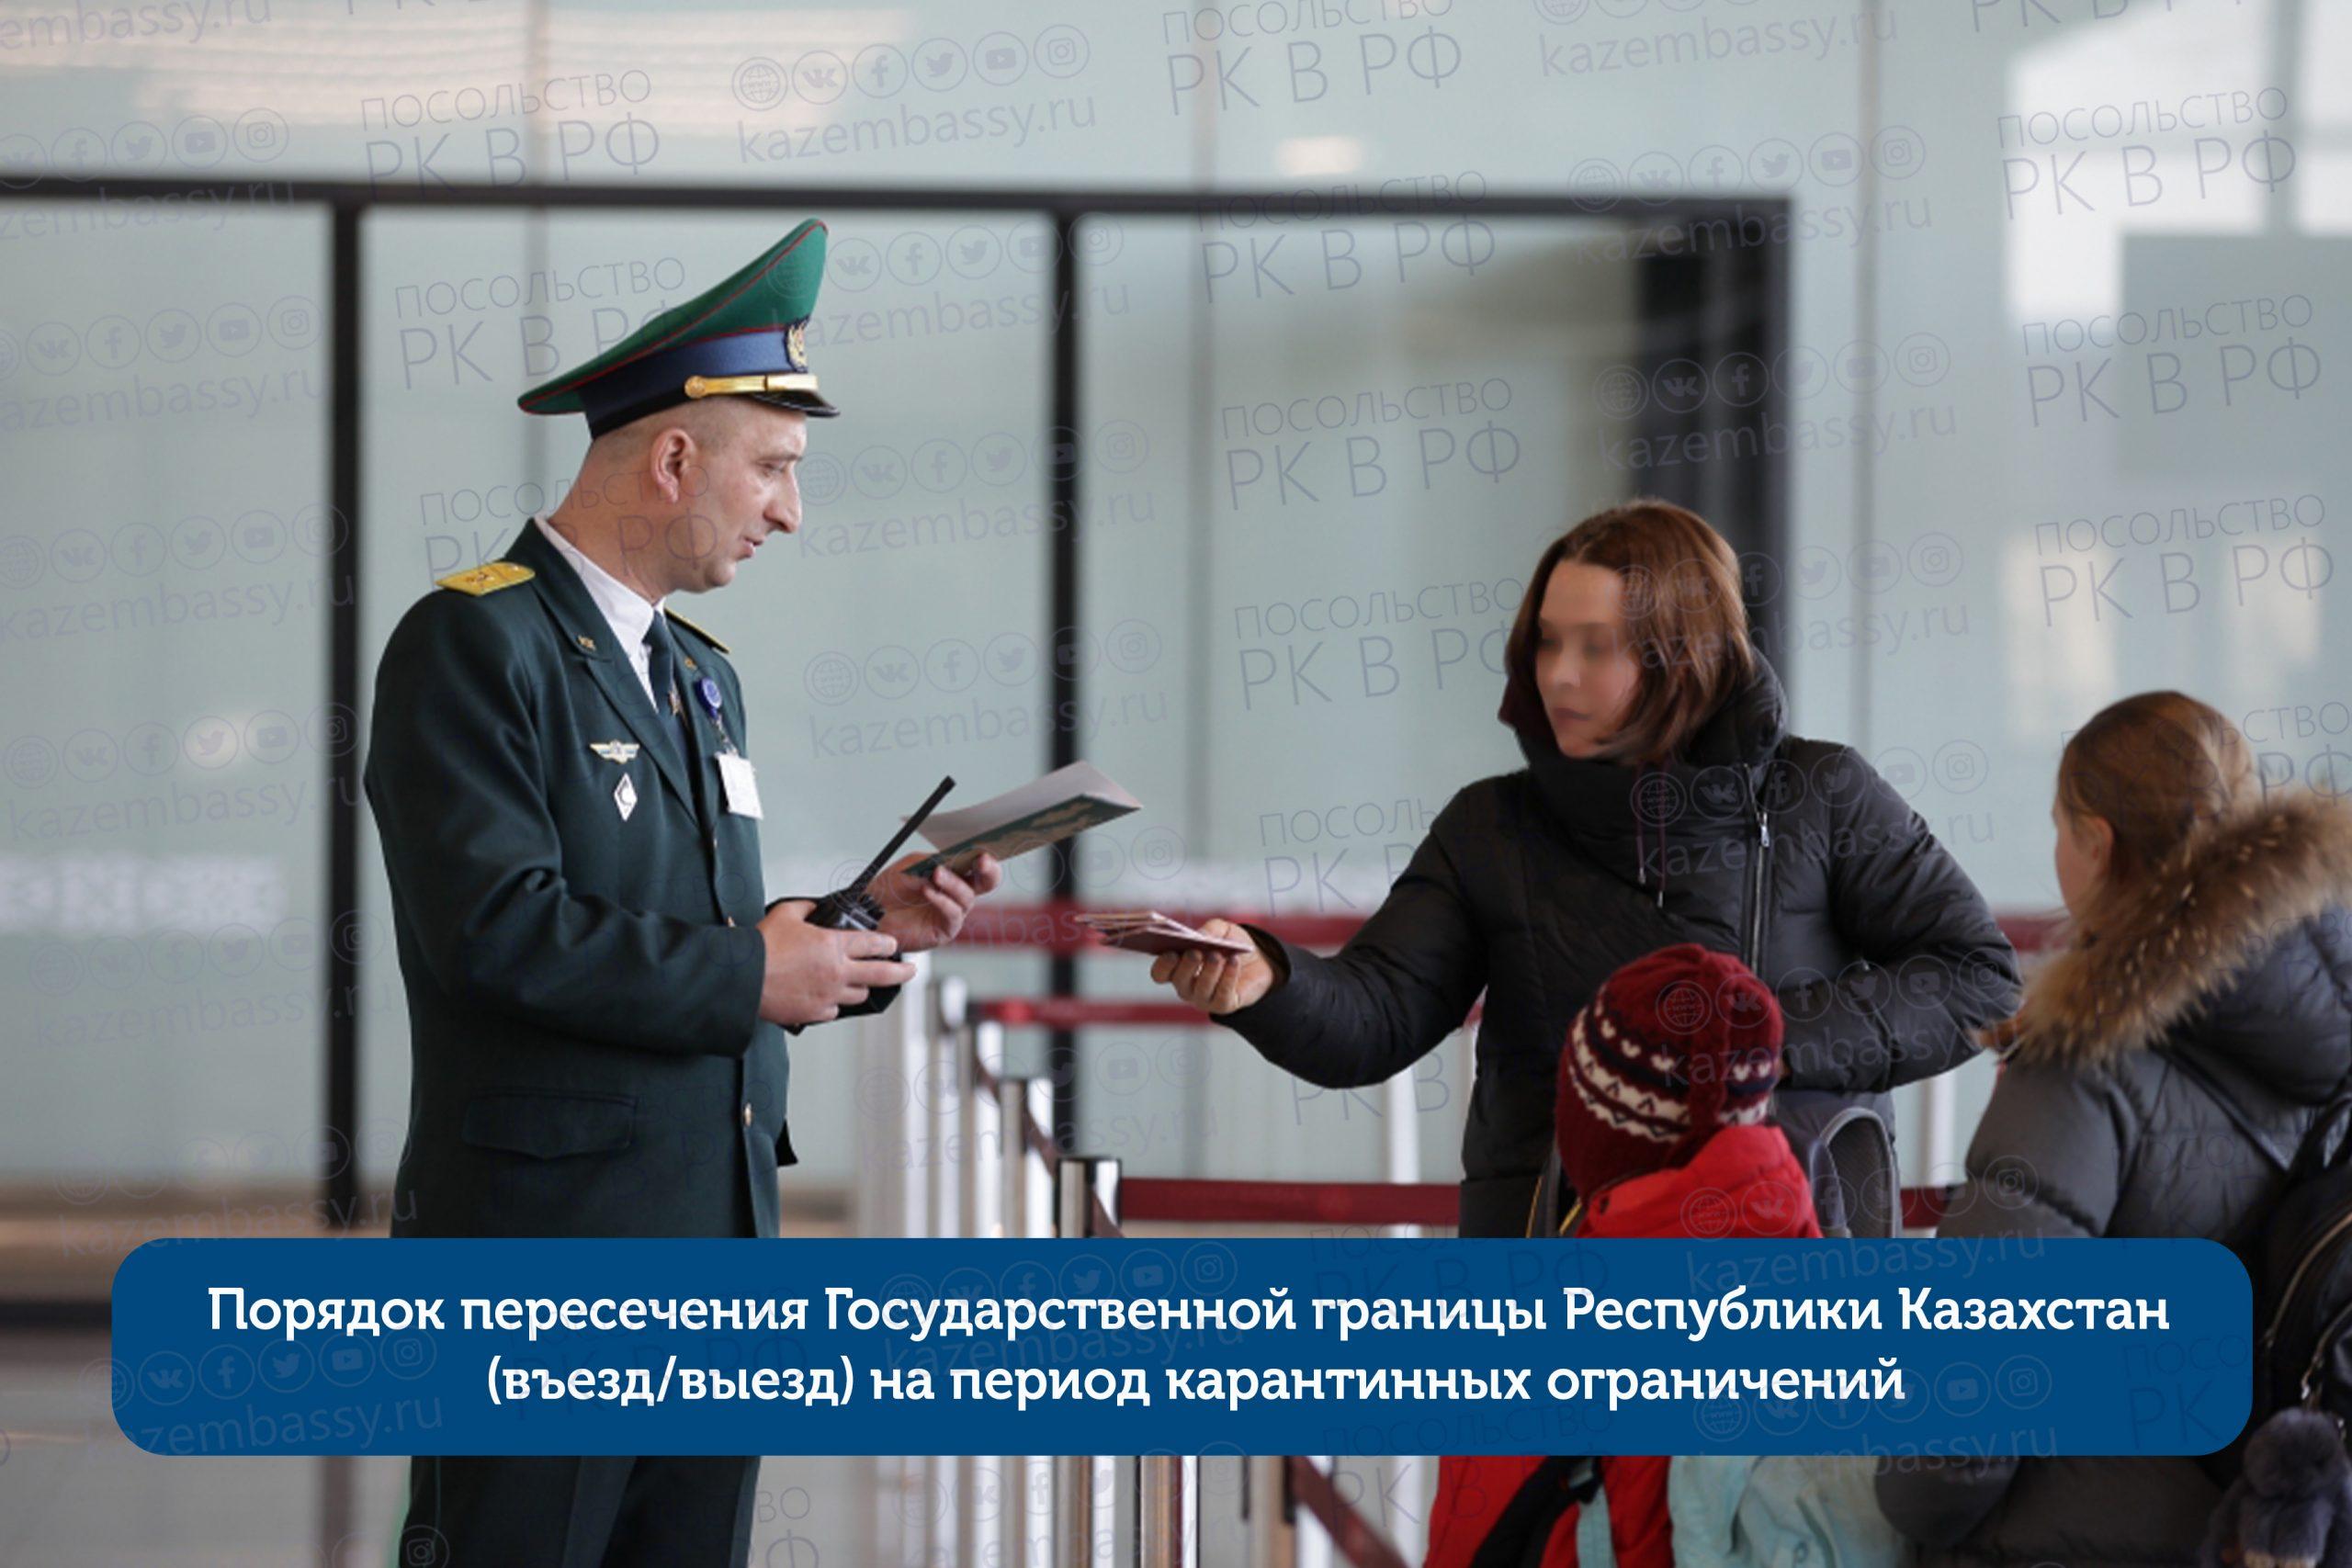 Порядок пересечения Государственной границы Республики Казахстан на период карантинных ограничений